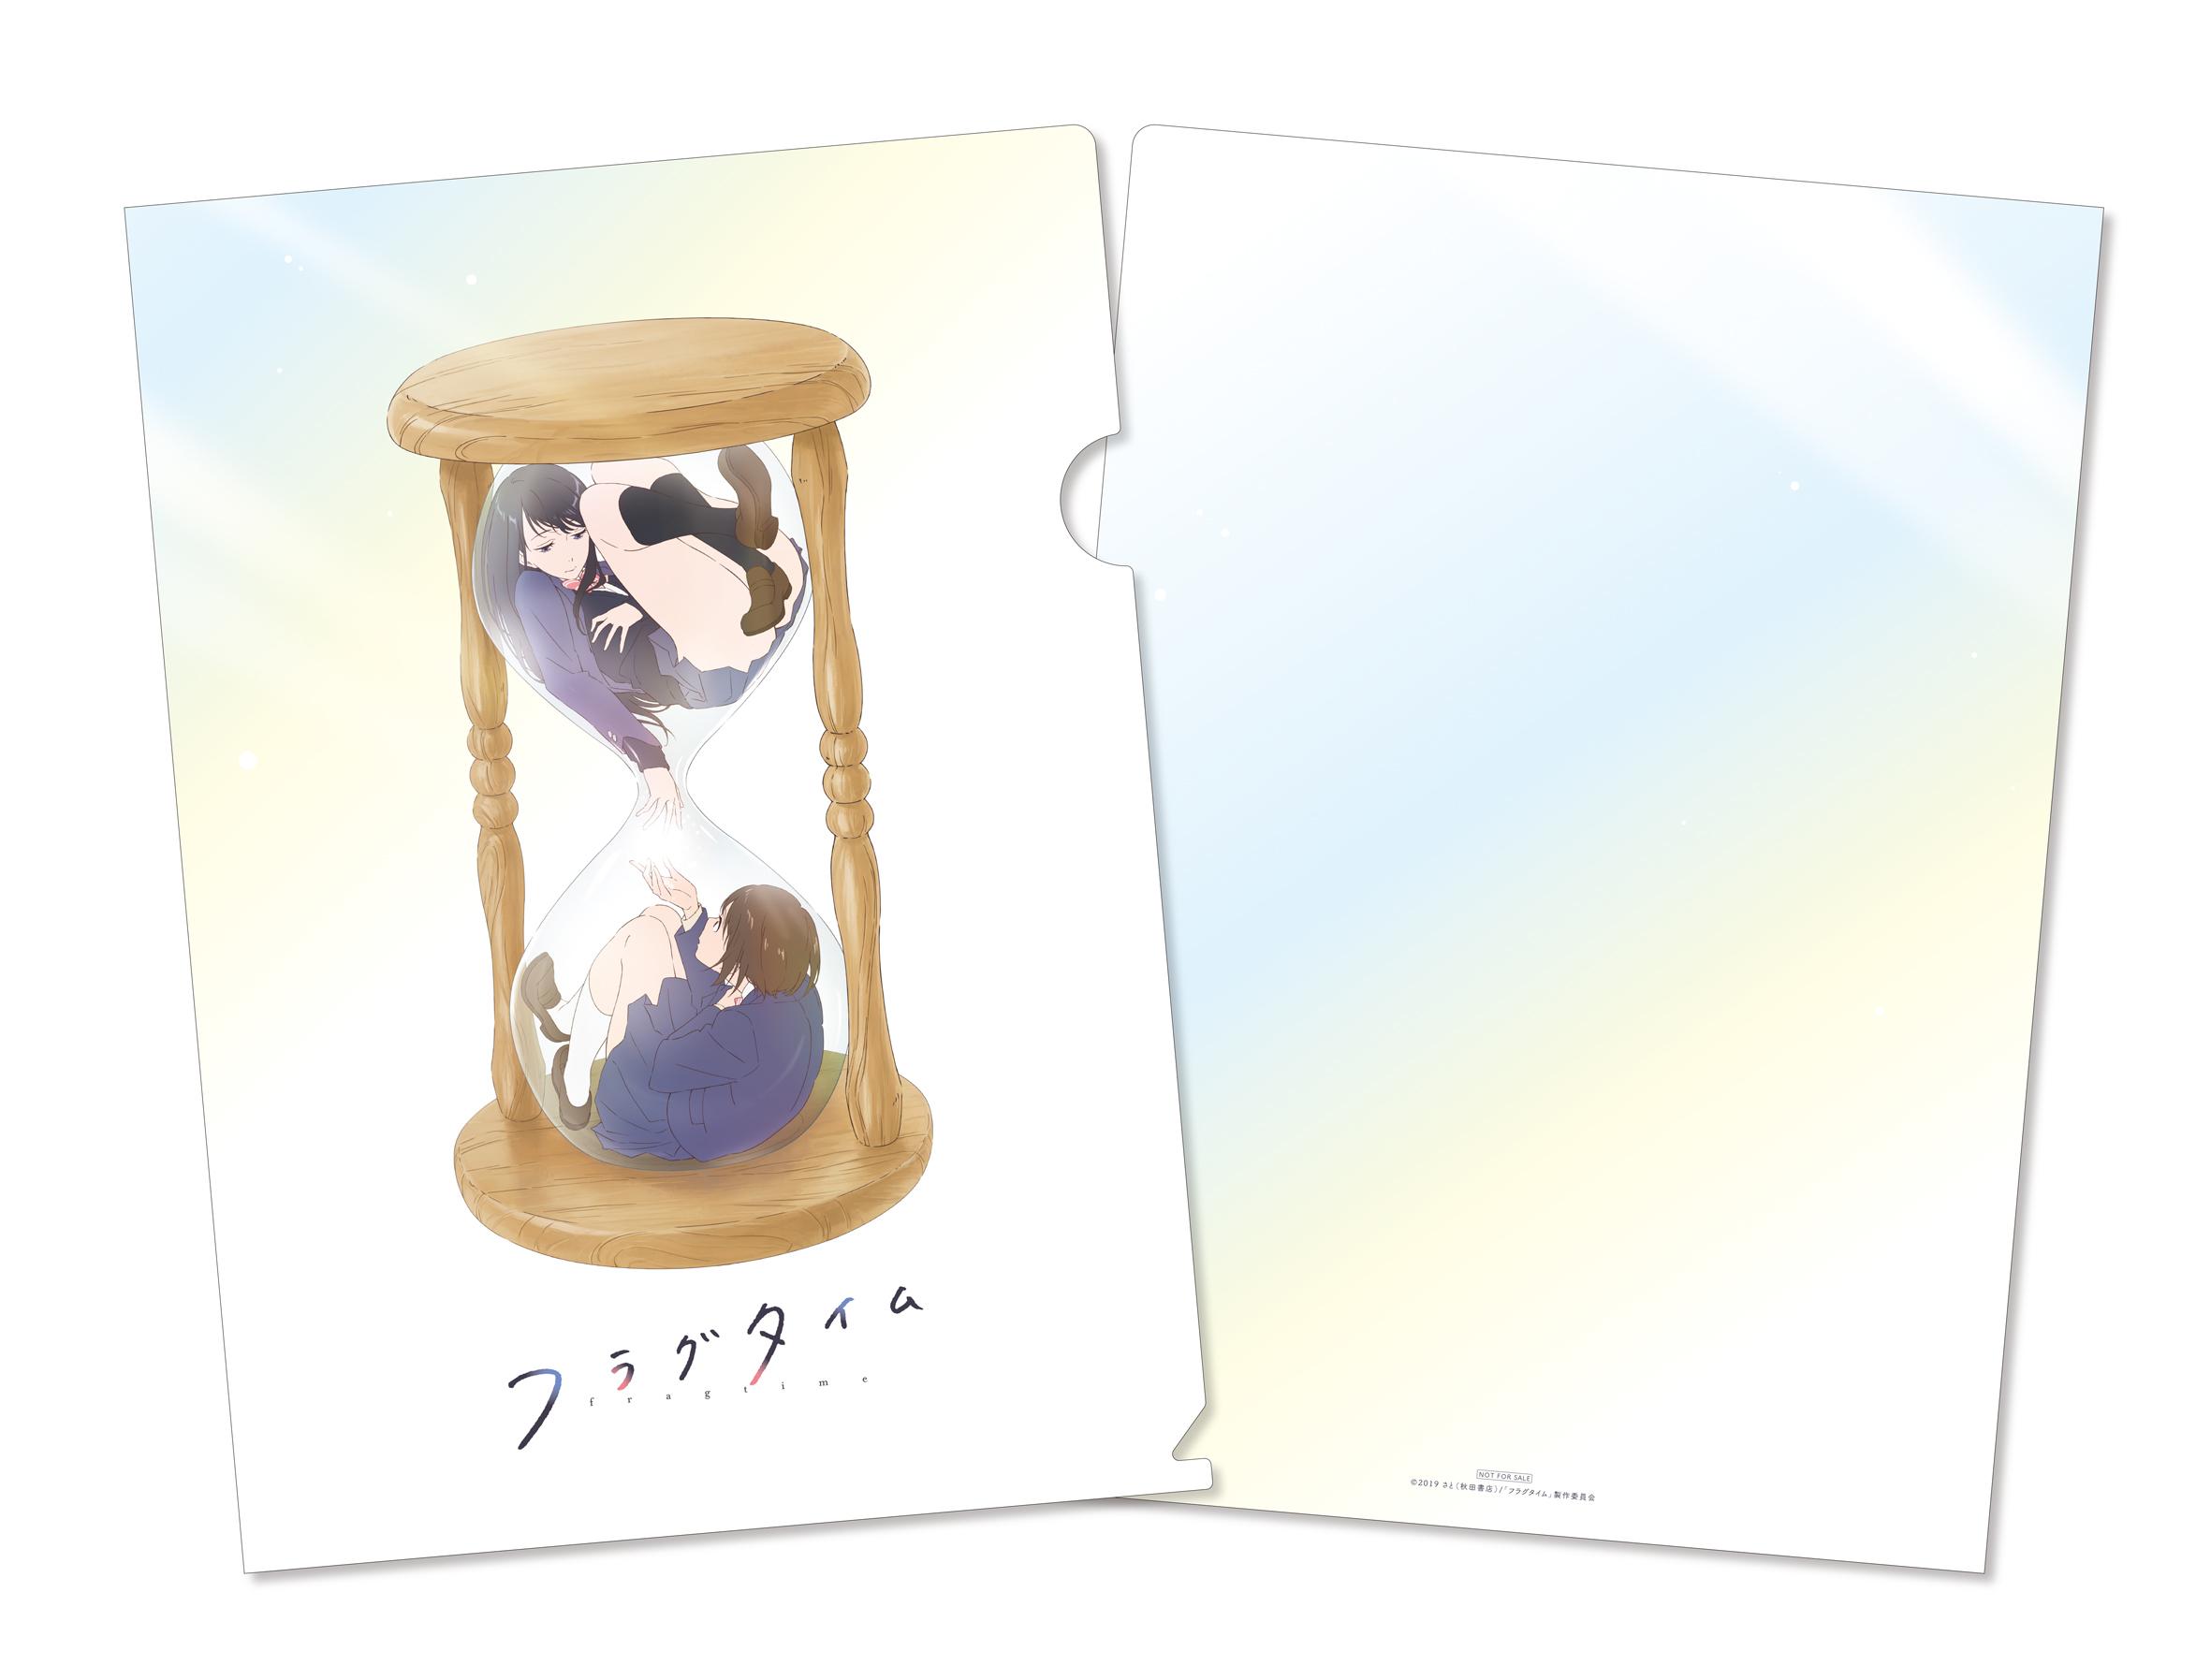 【フラグタイム】ムビチケ特典_クリアファイル ©2019 さと(秋田書店)/「フラグタイム」製作委員会